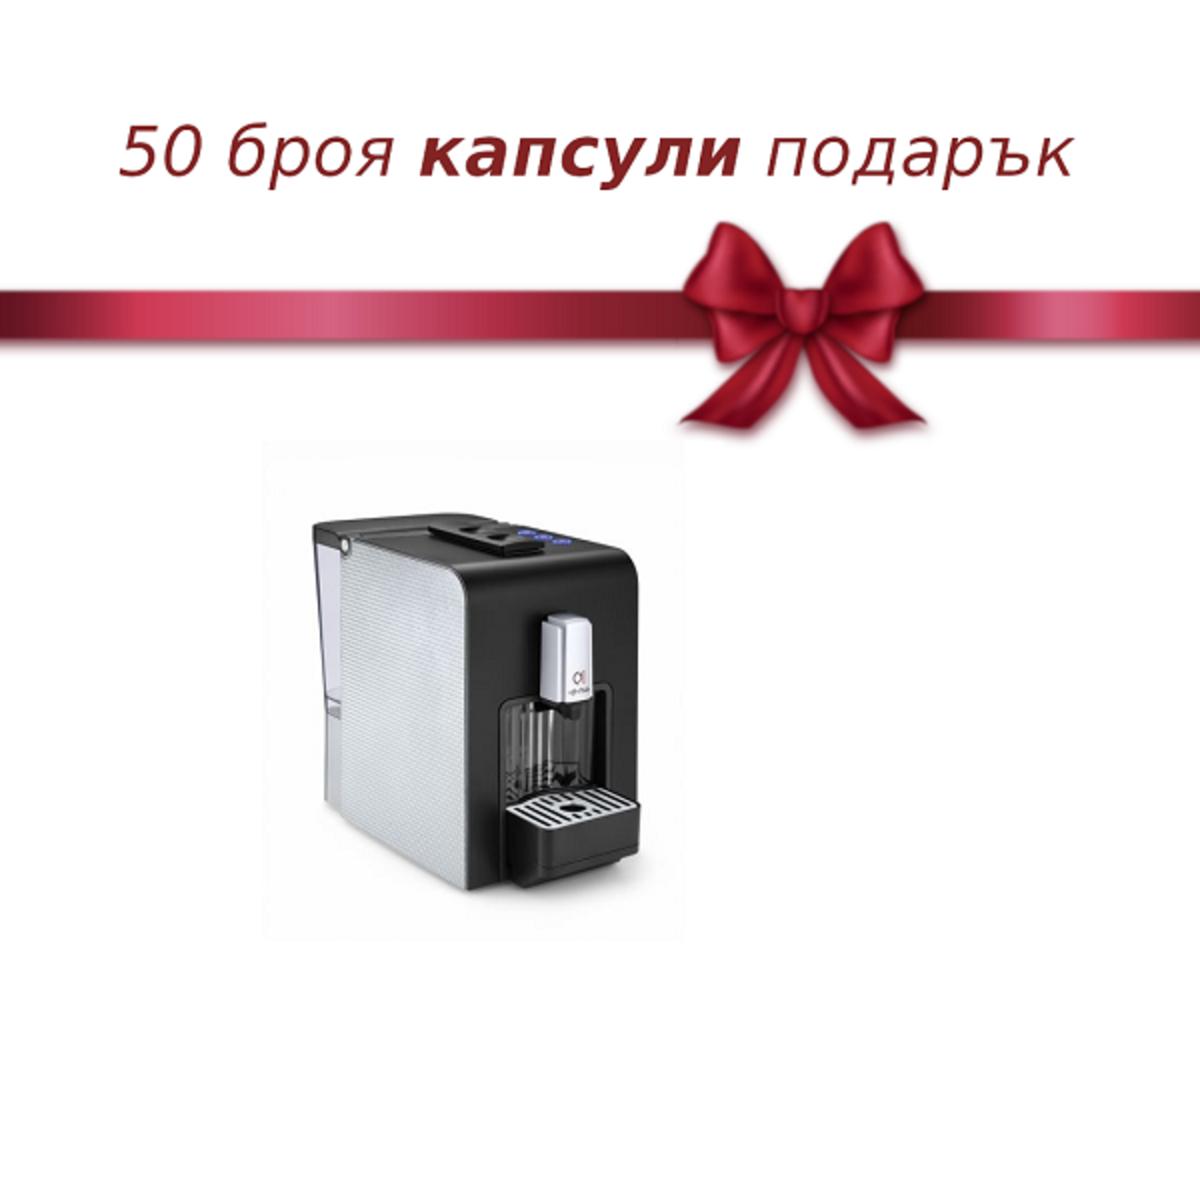 Caffe D'Italia Chikko италианска кафемашина бяла + 50 капсули подарък